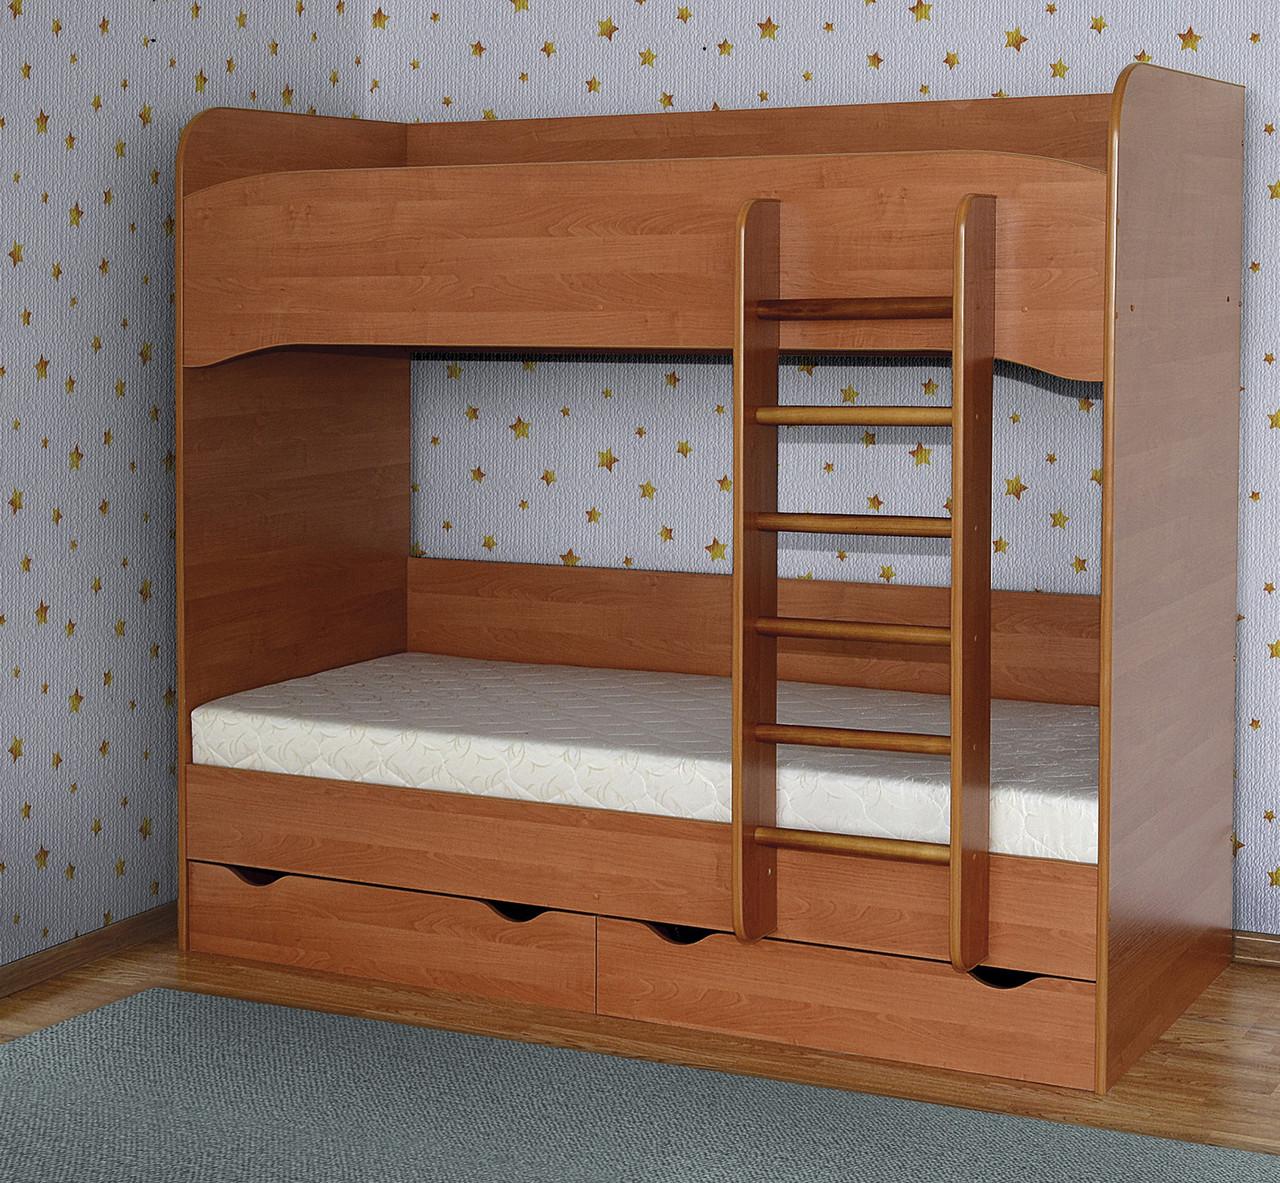 Кровать 2-х ярусная ДСП Летро